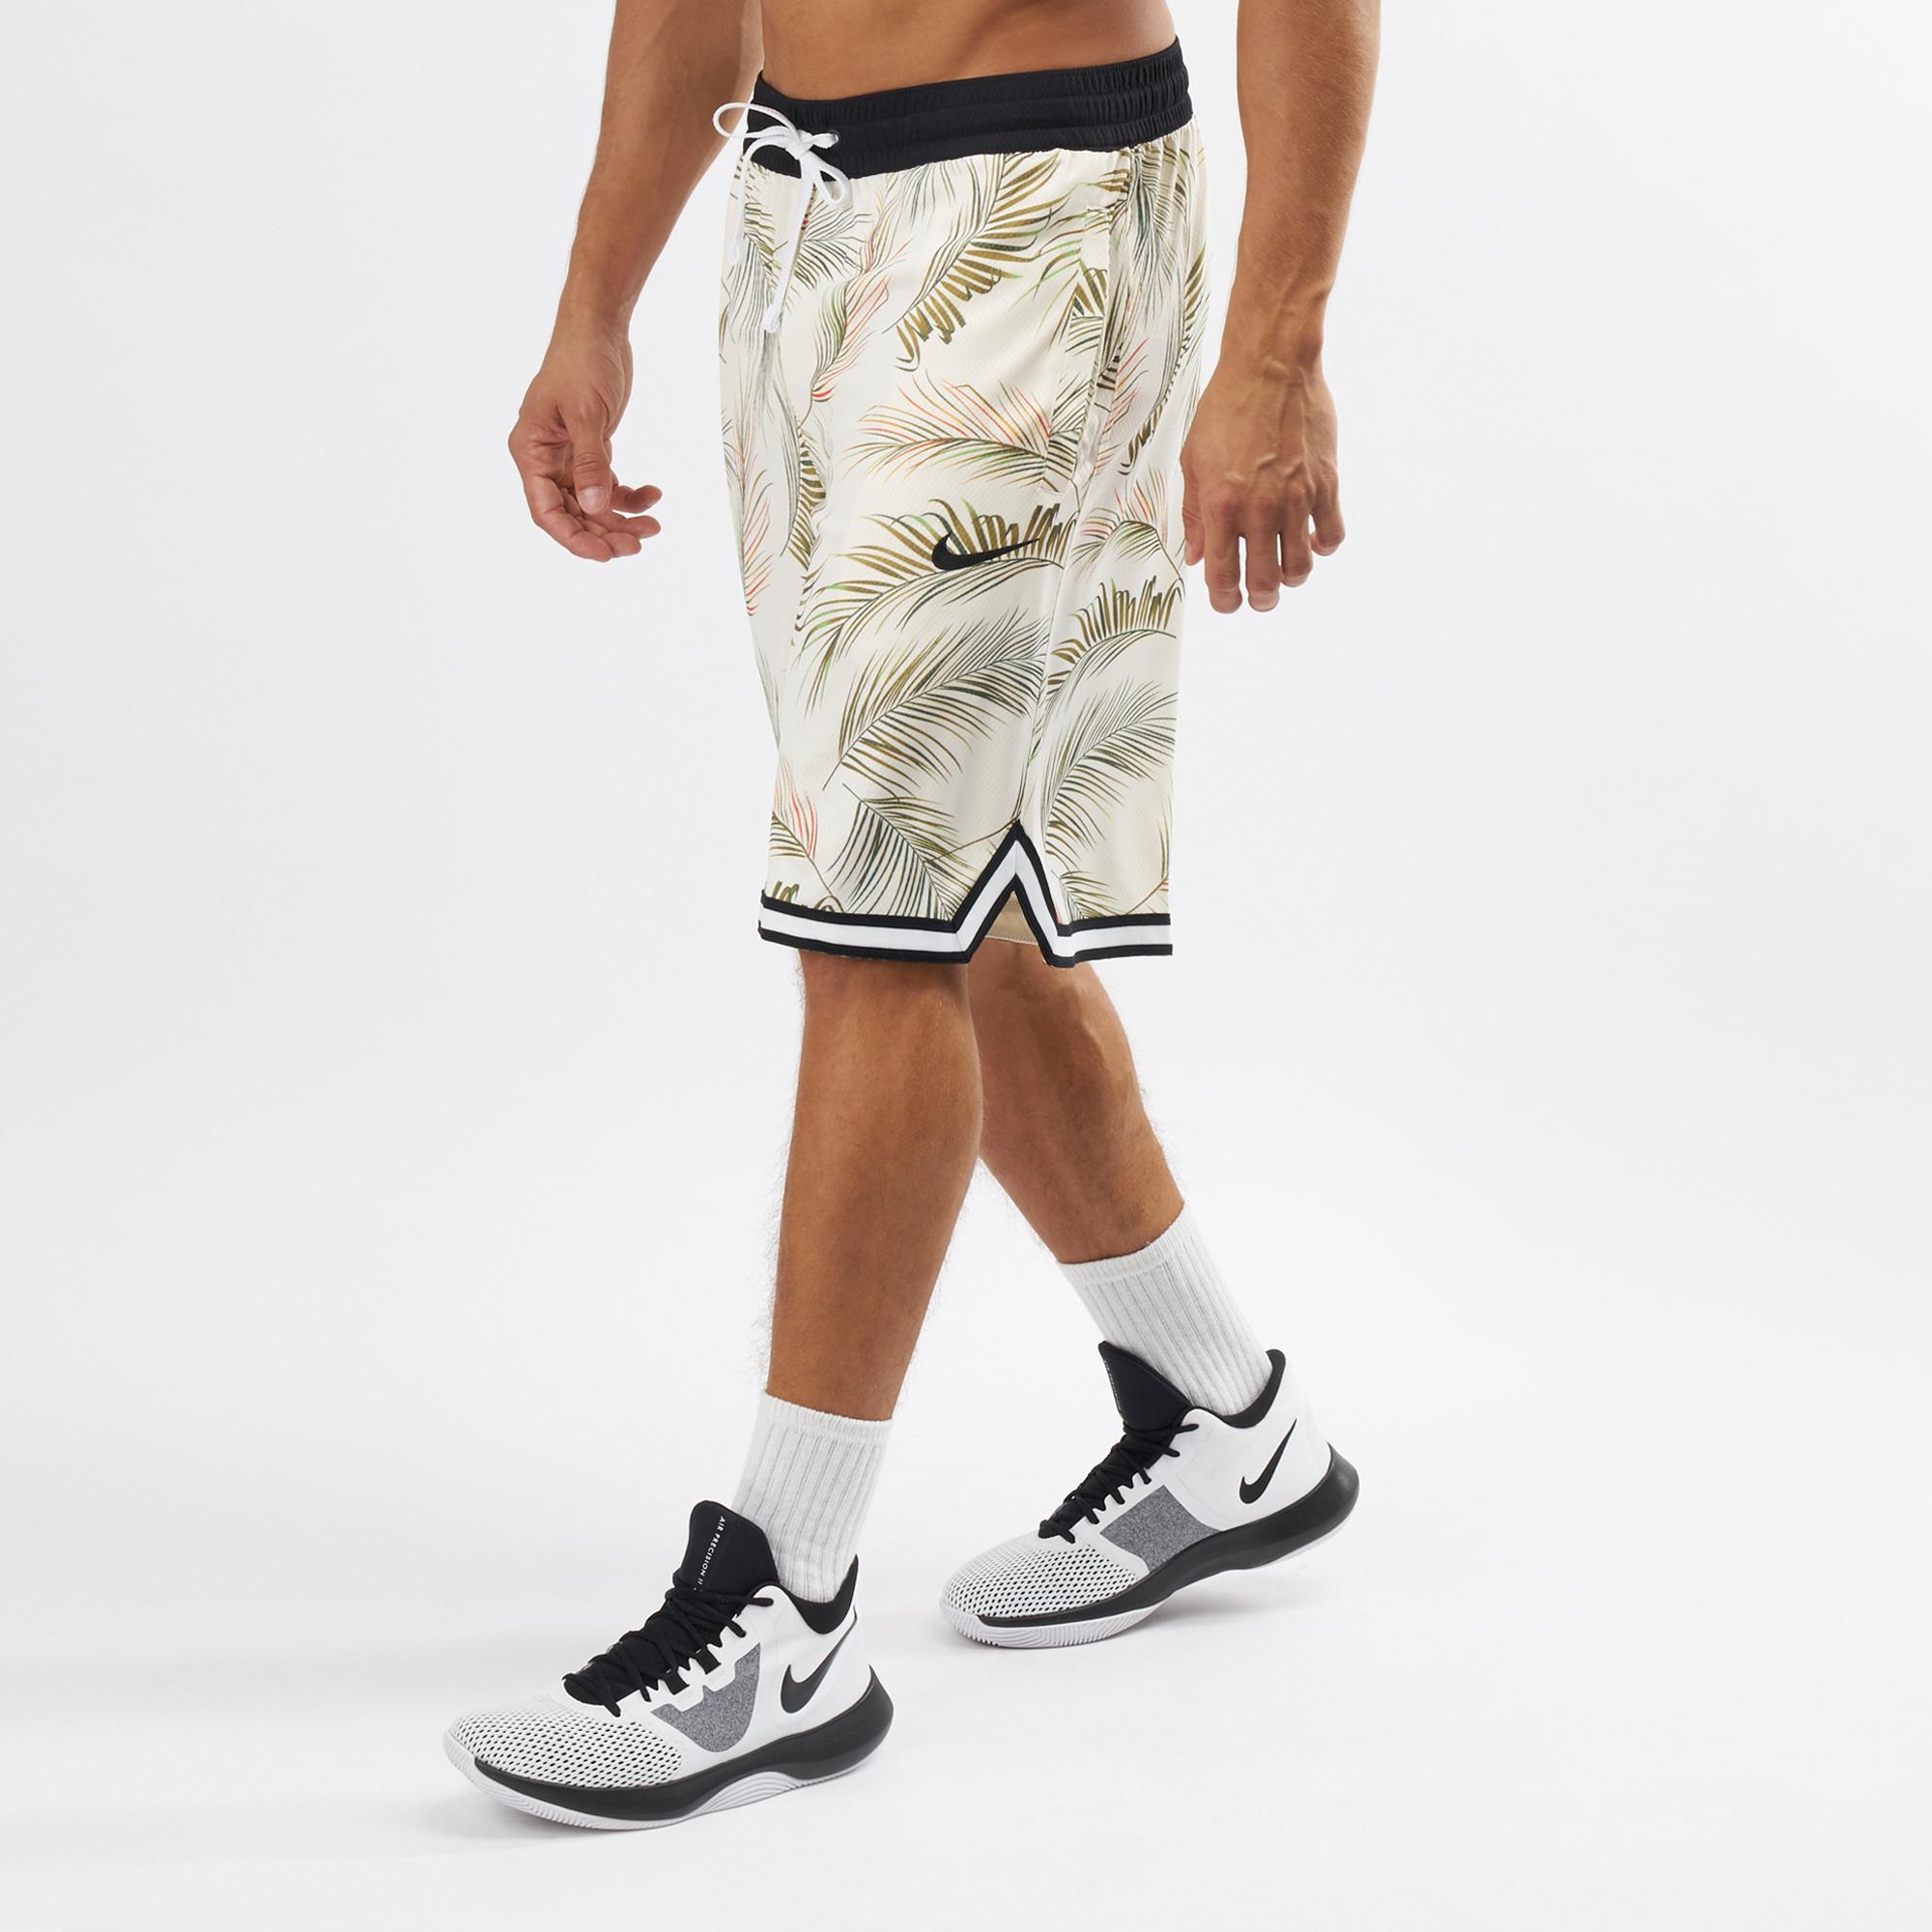 Nike Men's DNA Floral Basketball Shorts